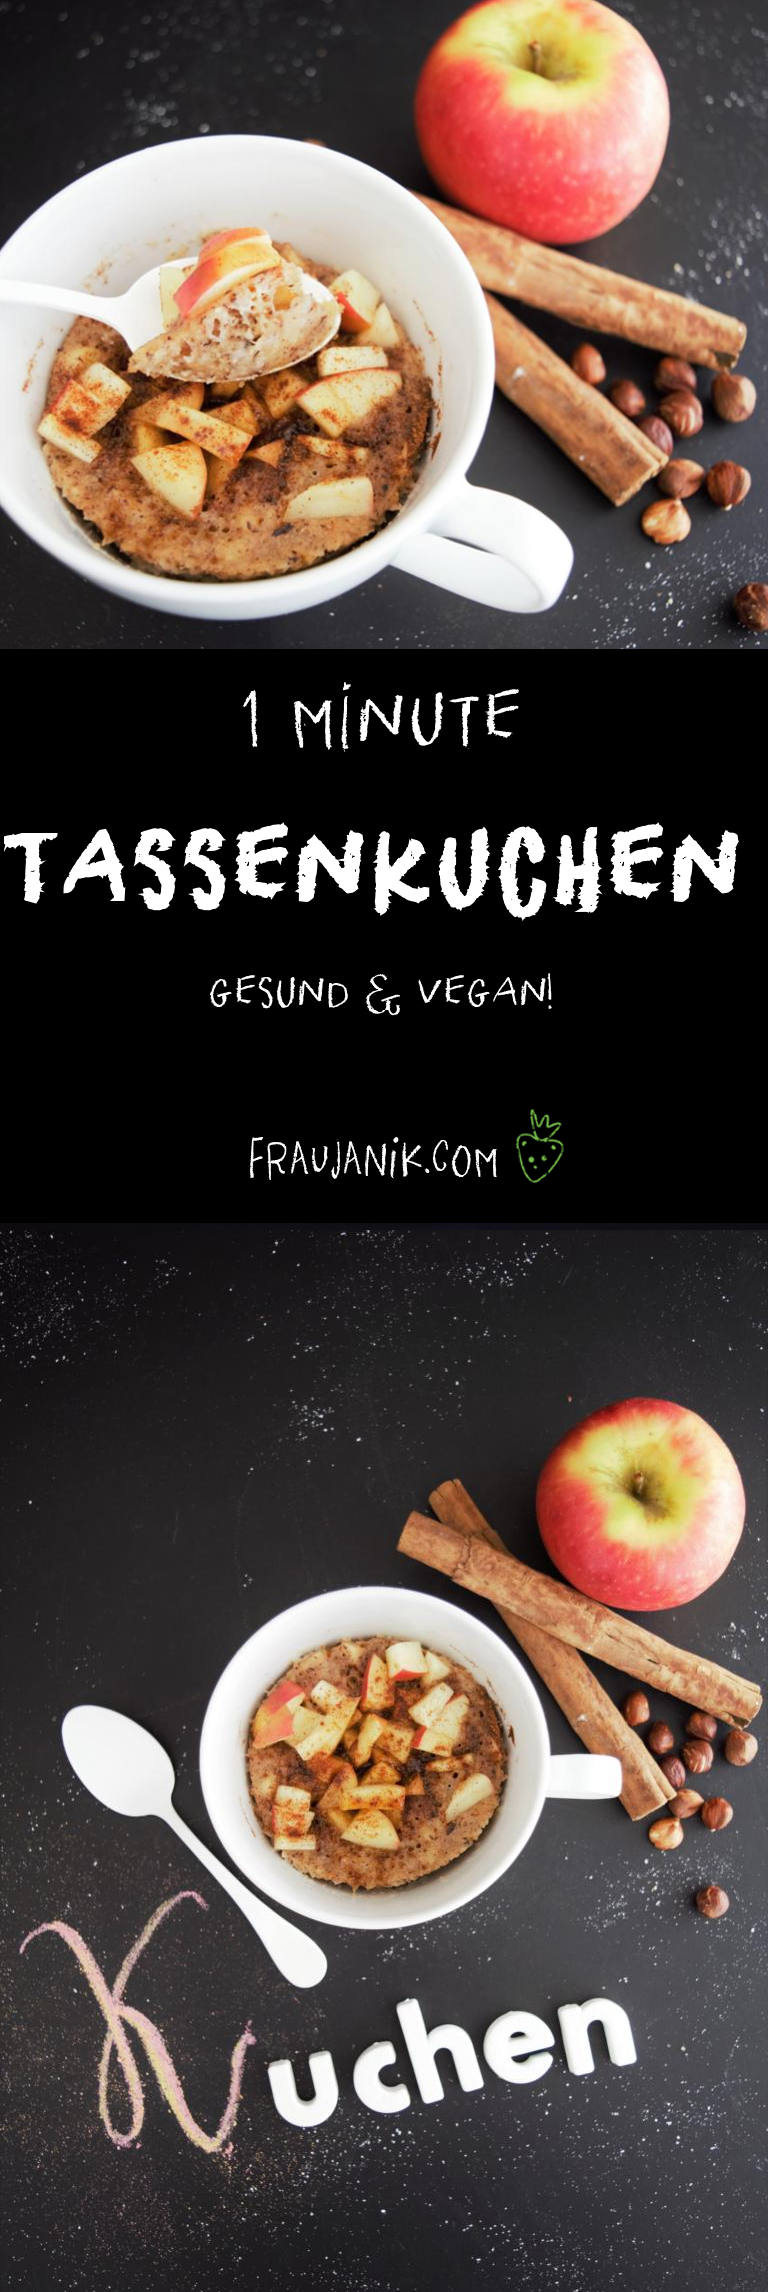 Tassenkuchen gesund und vegan Apfel Zimt